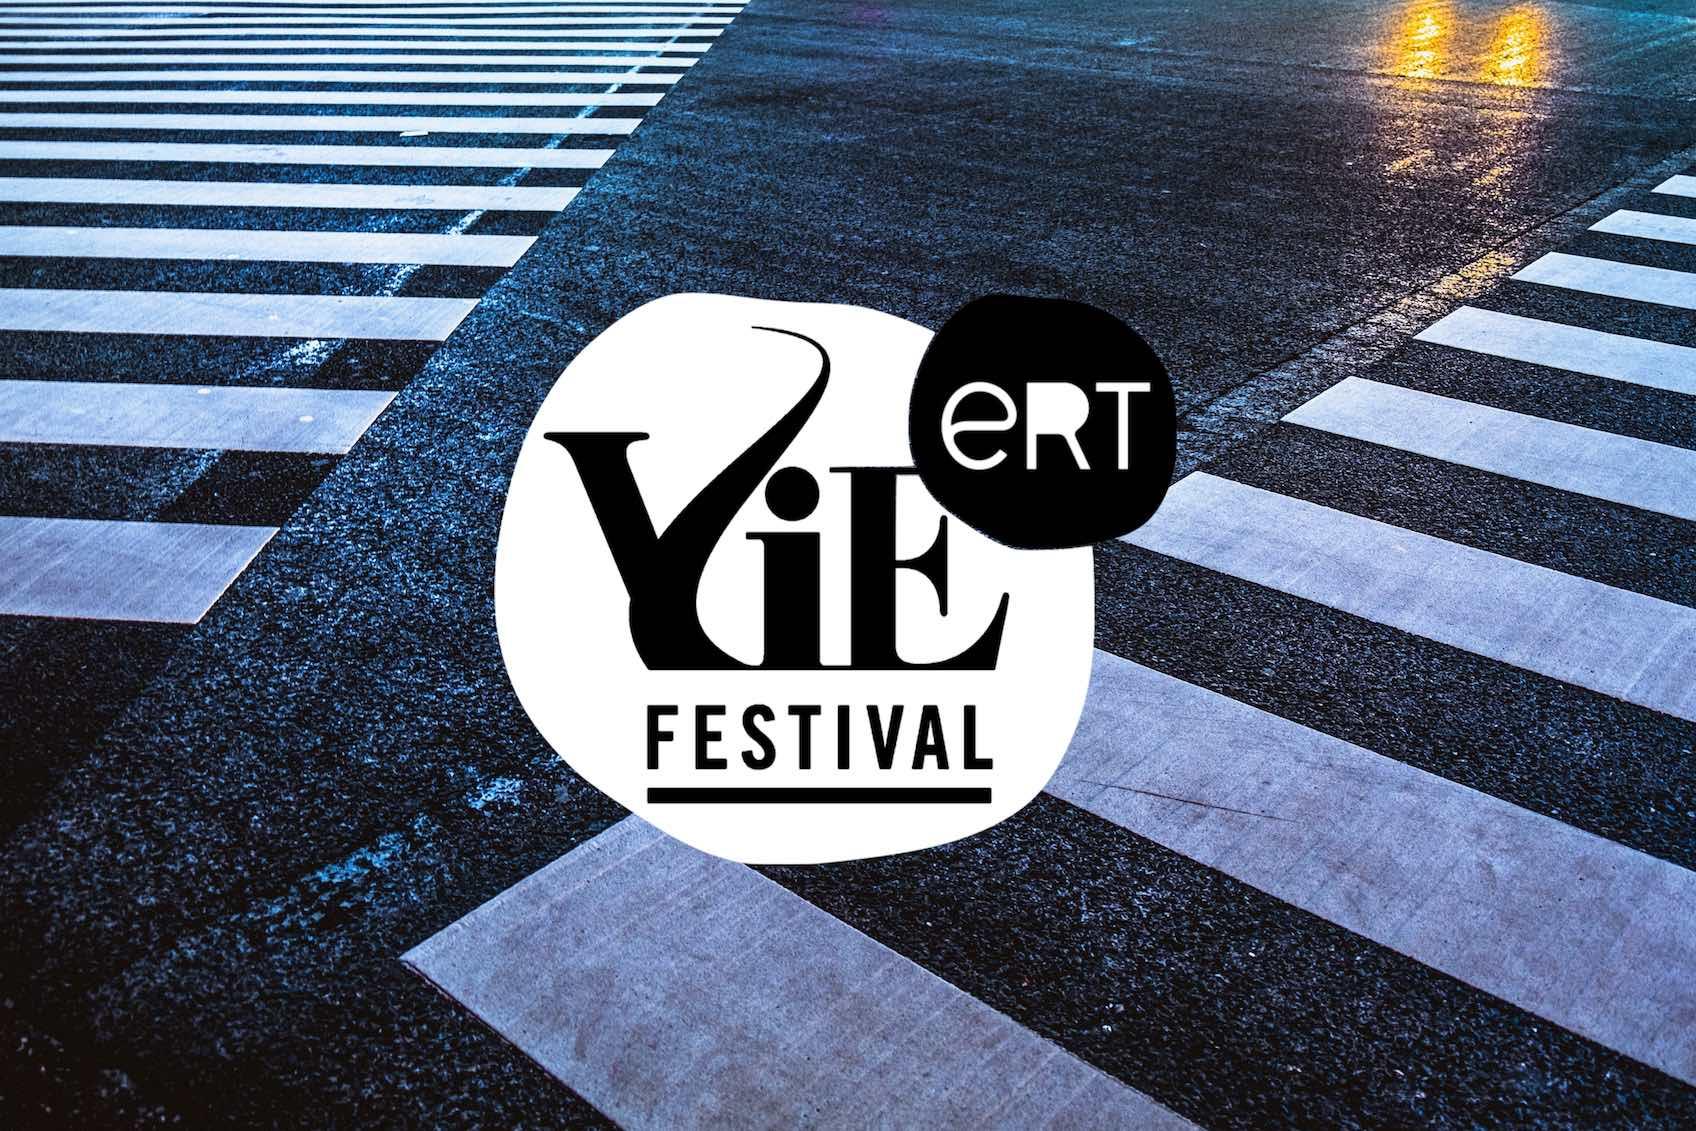 Tutti a bordo si parte per VIE Festival! Navette da Bologna